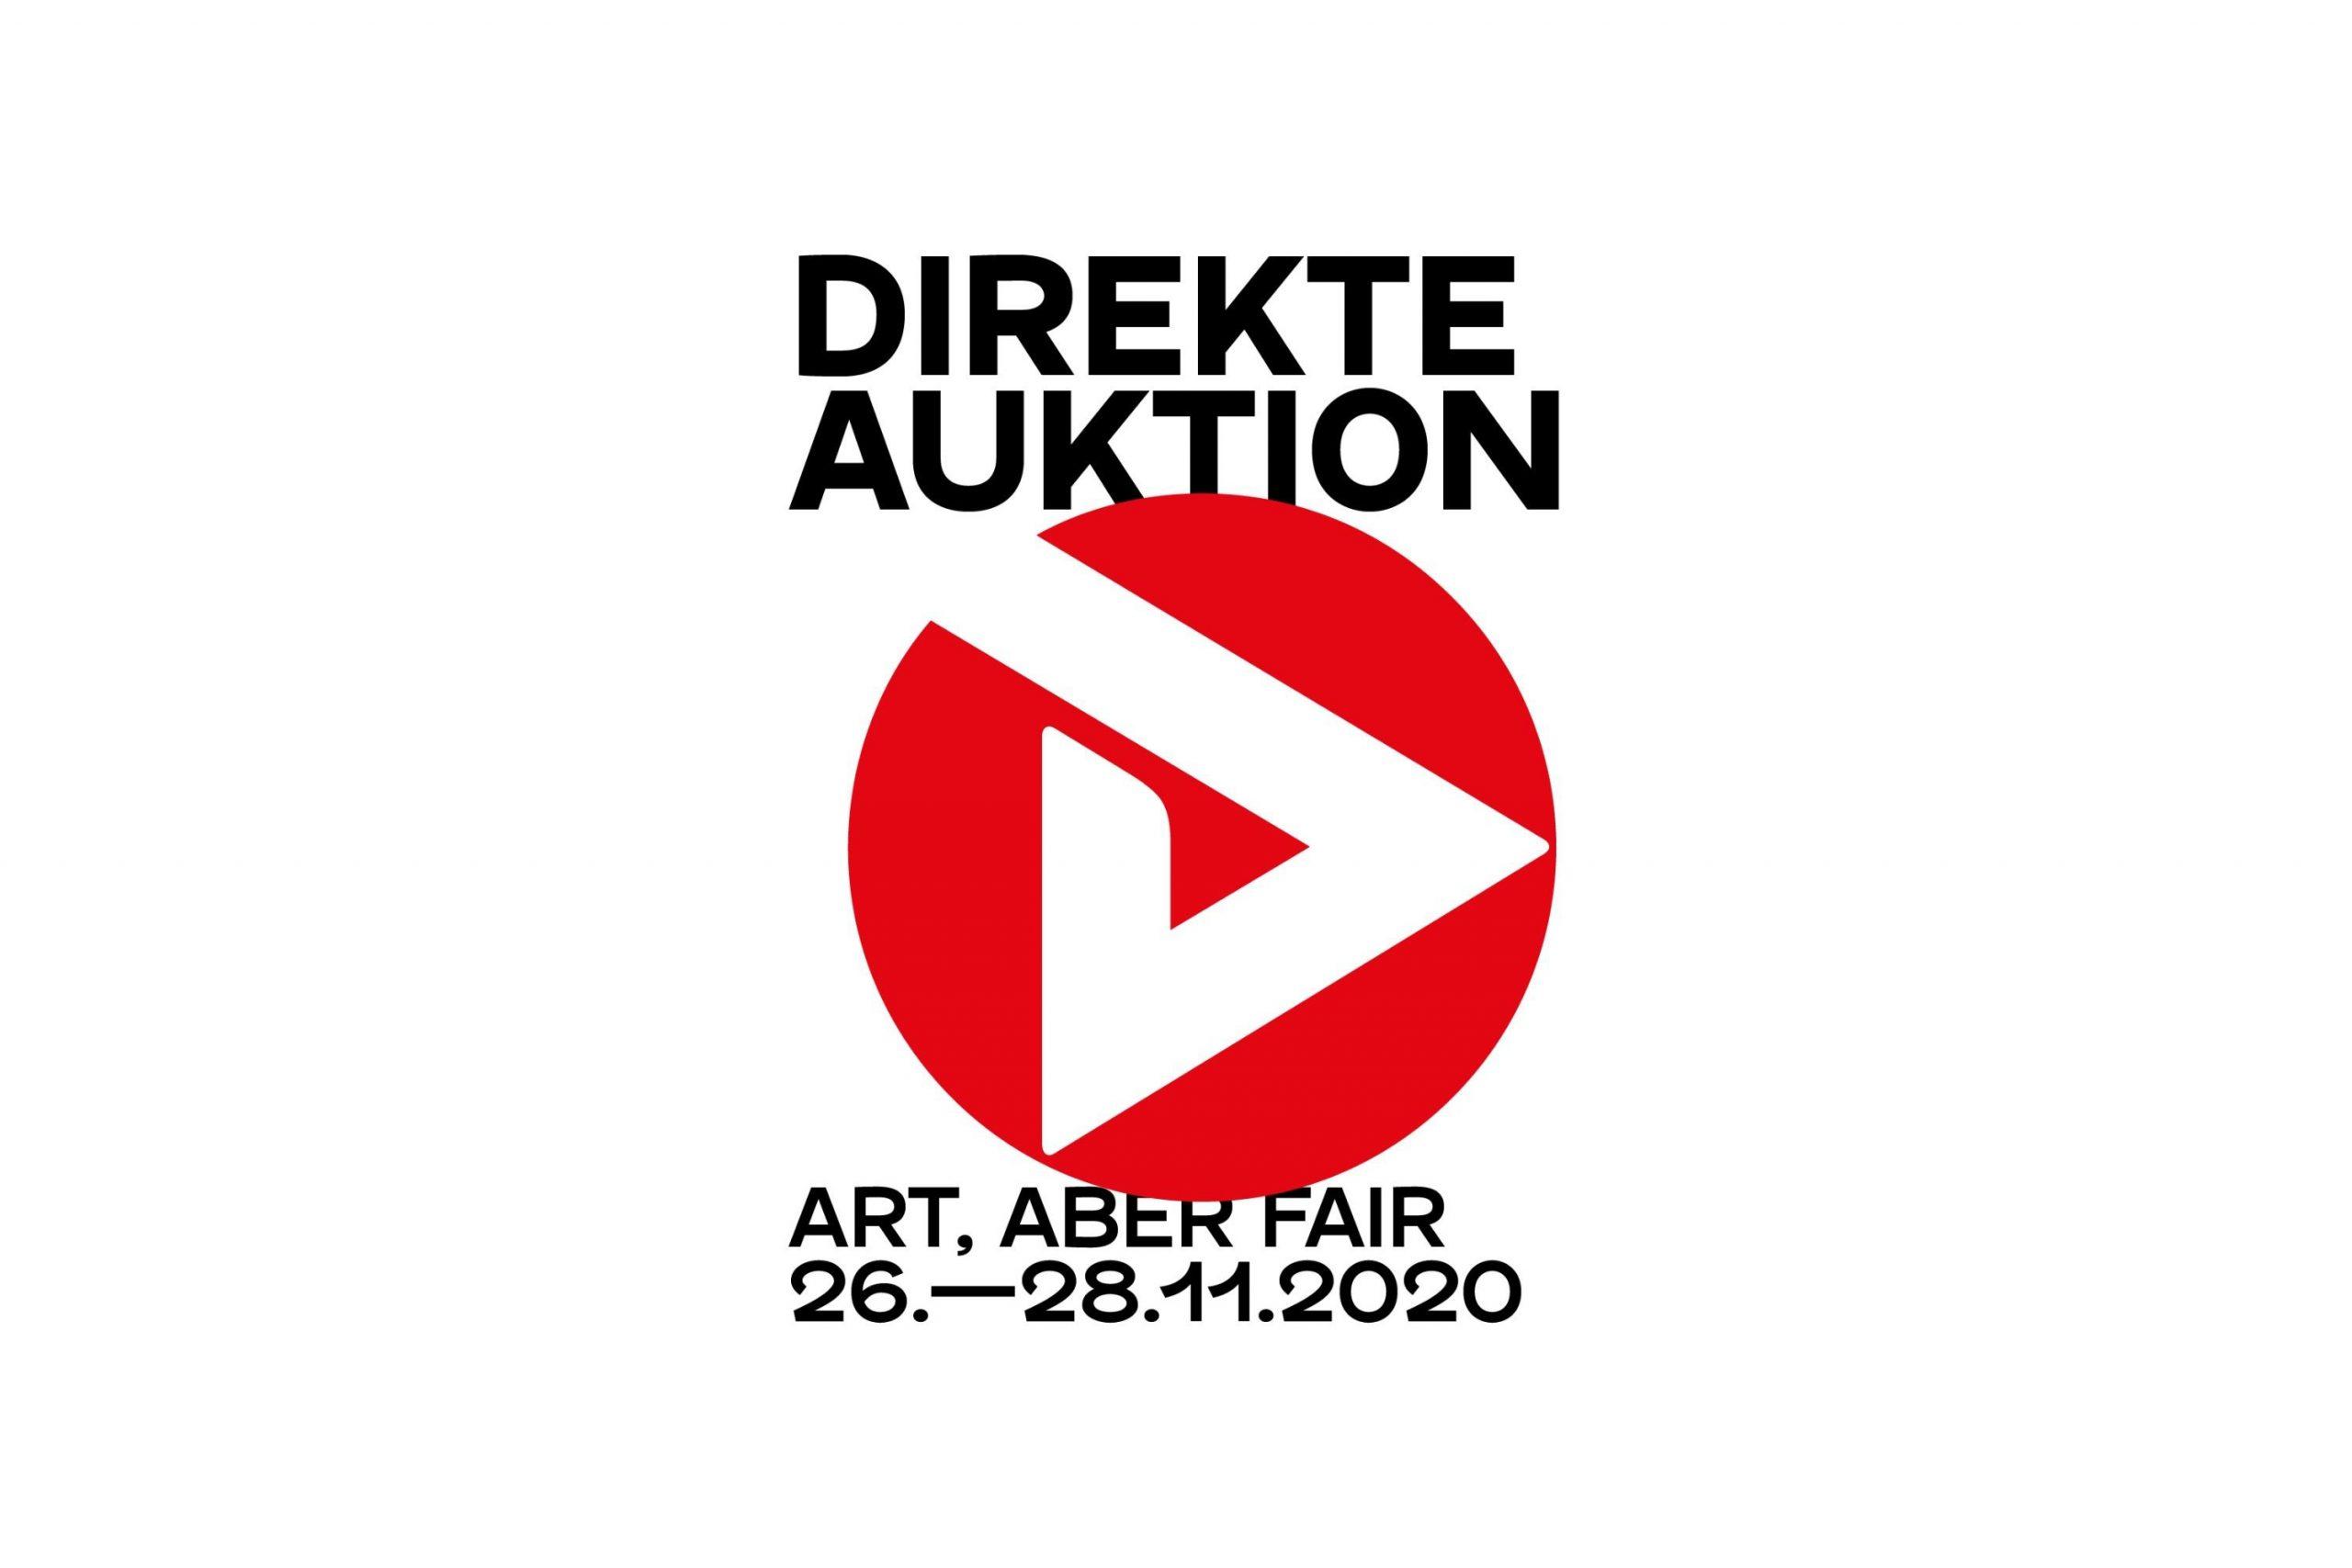 Direkte Auktion_Vorbesichtigung_Gallery_Die Ganze Freiheit_Berlin